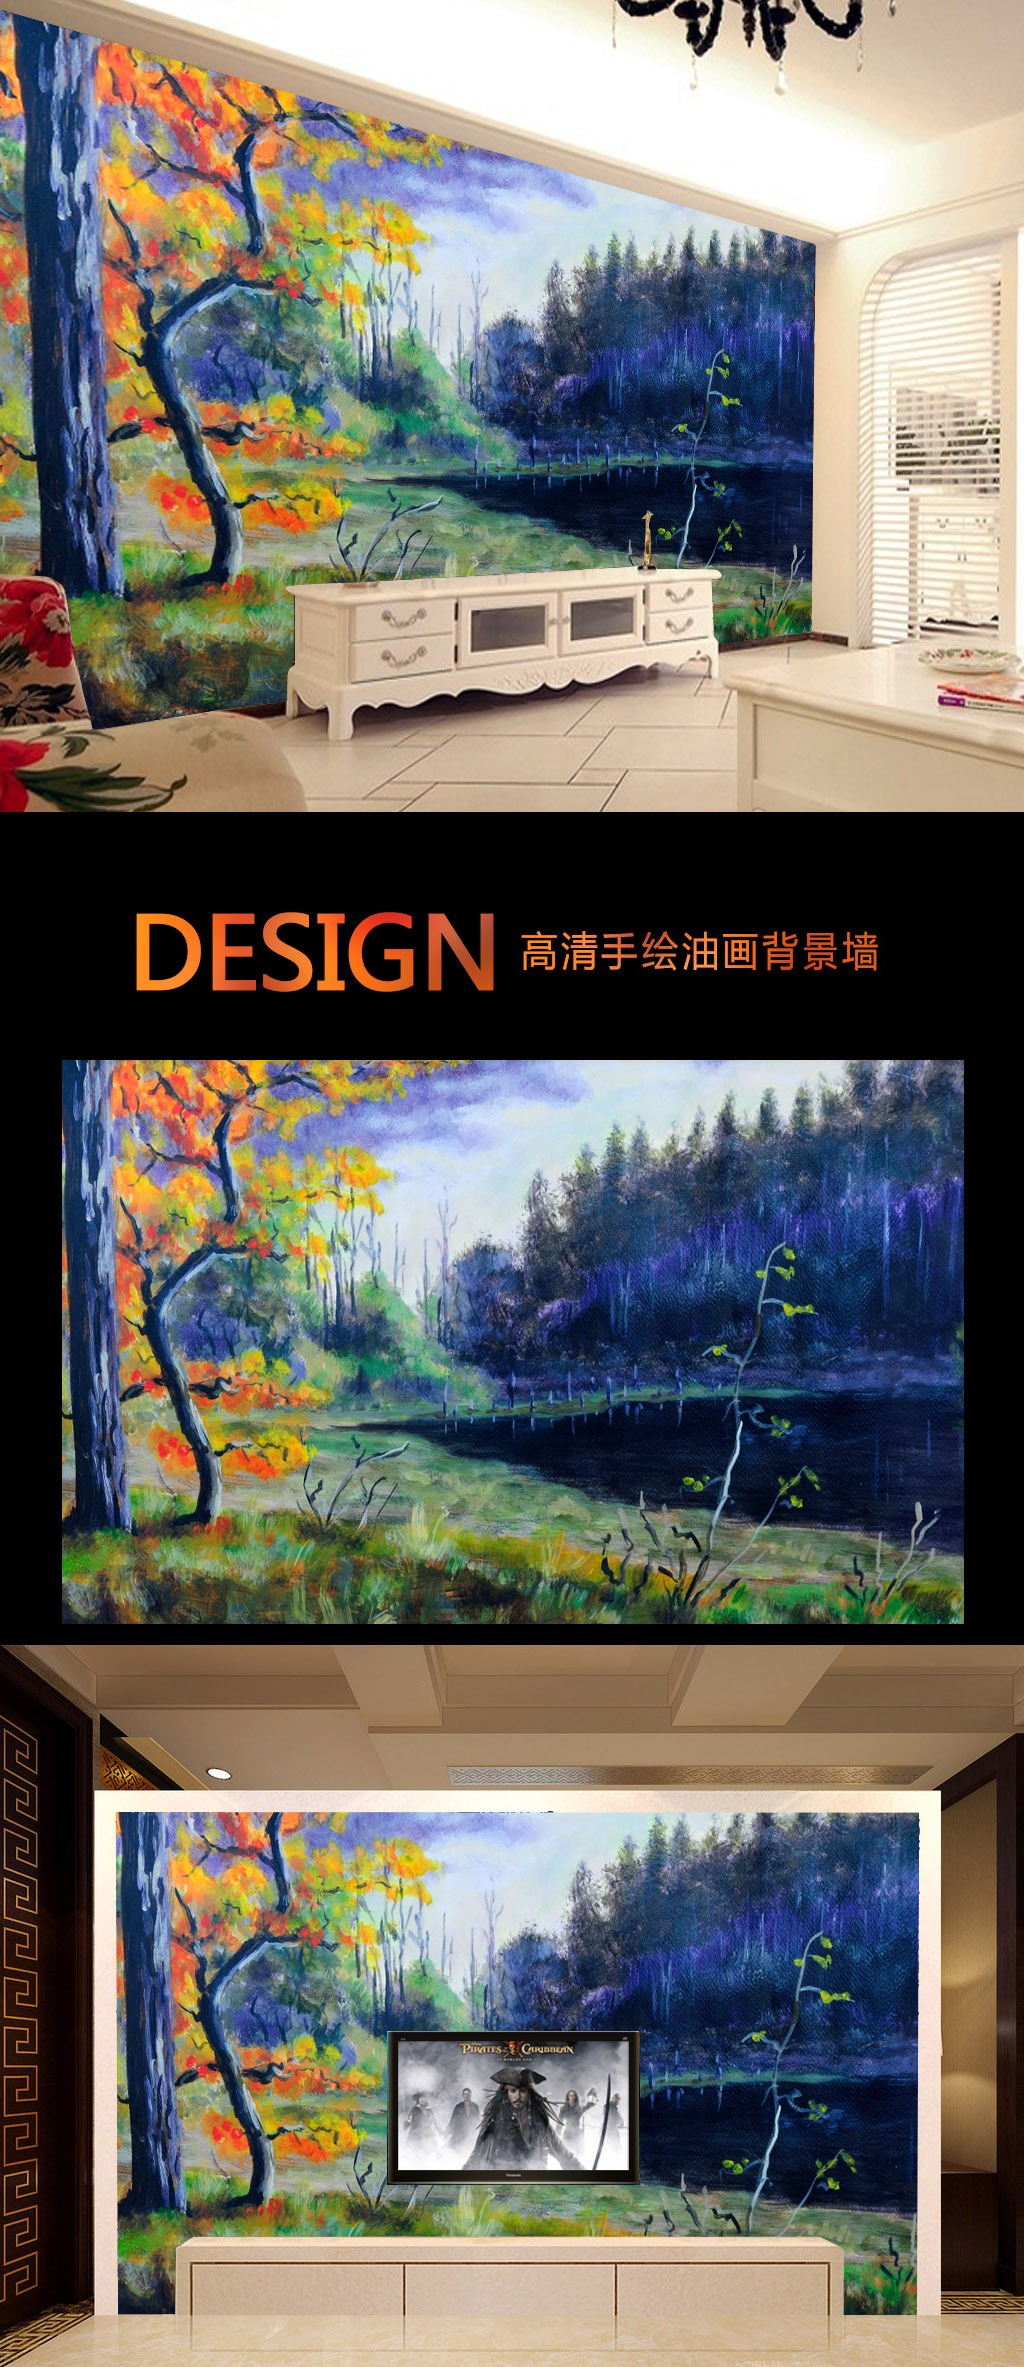 湖边树木风景油画壁画客厅背景墙